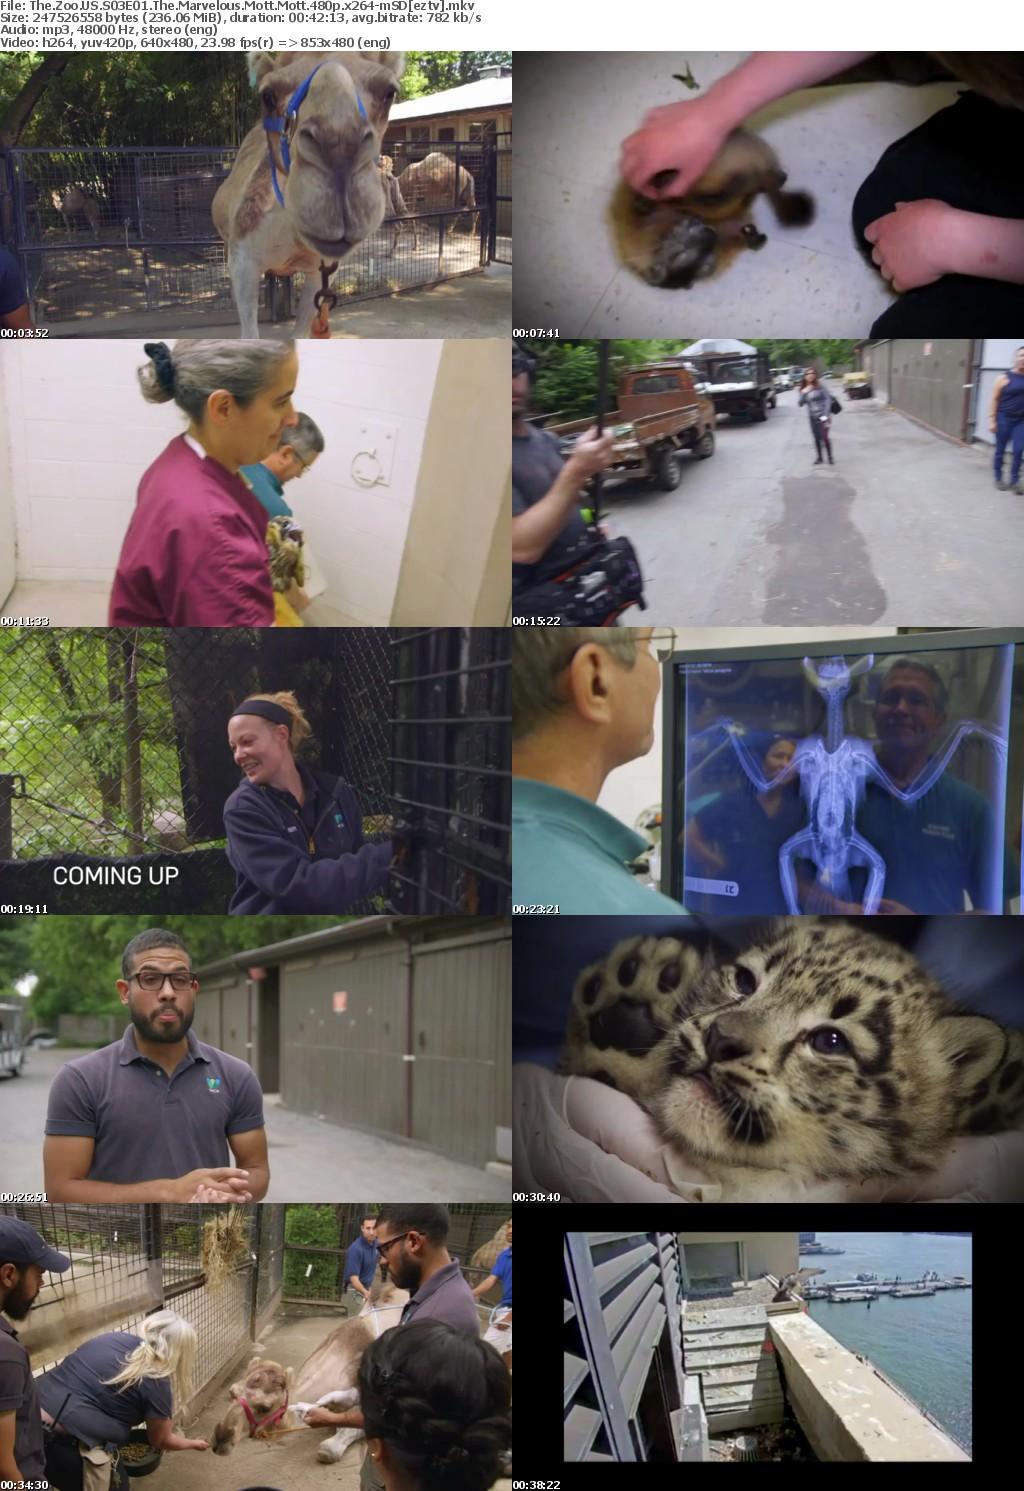 The Zoo US S03E01 The Marvelous Mott Mott 480p x264-mSD